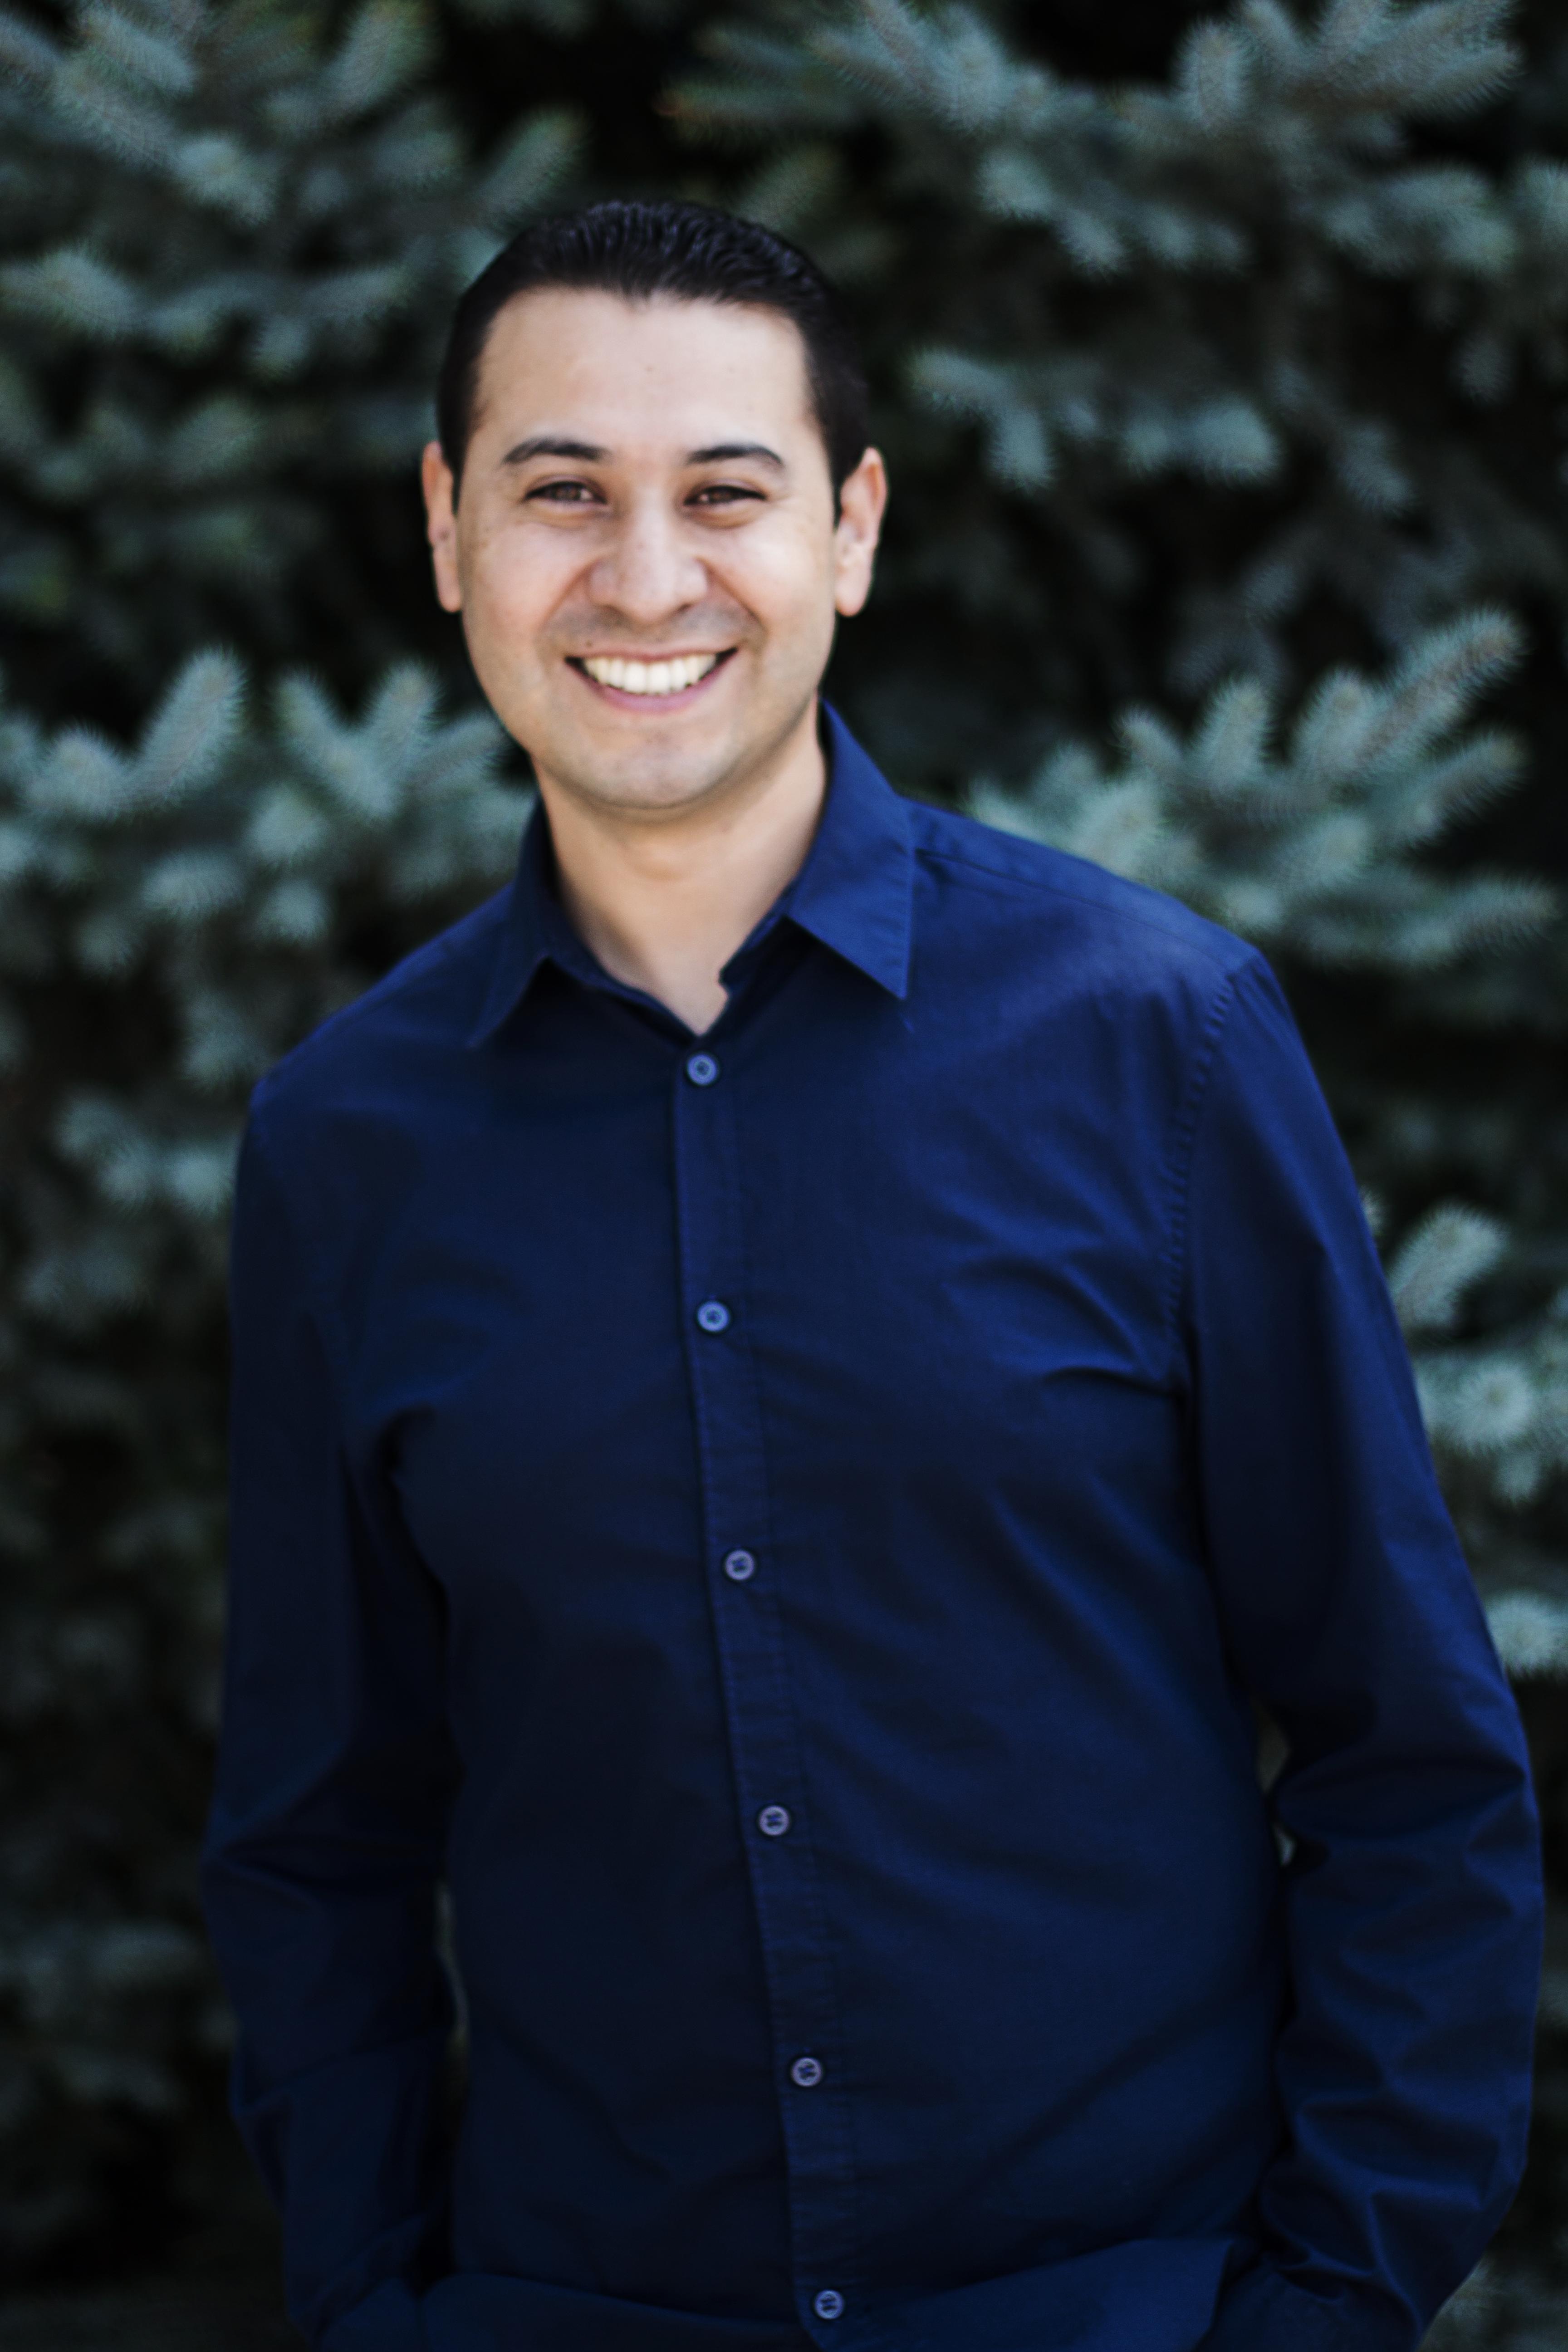 Pastor Jonatan alarcon